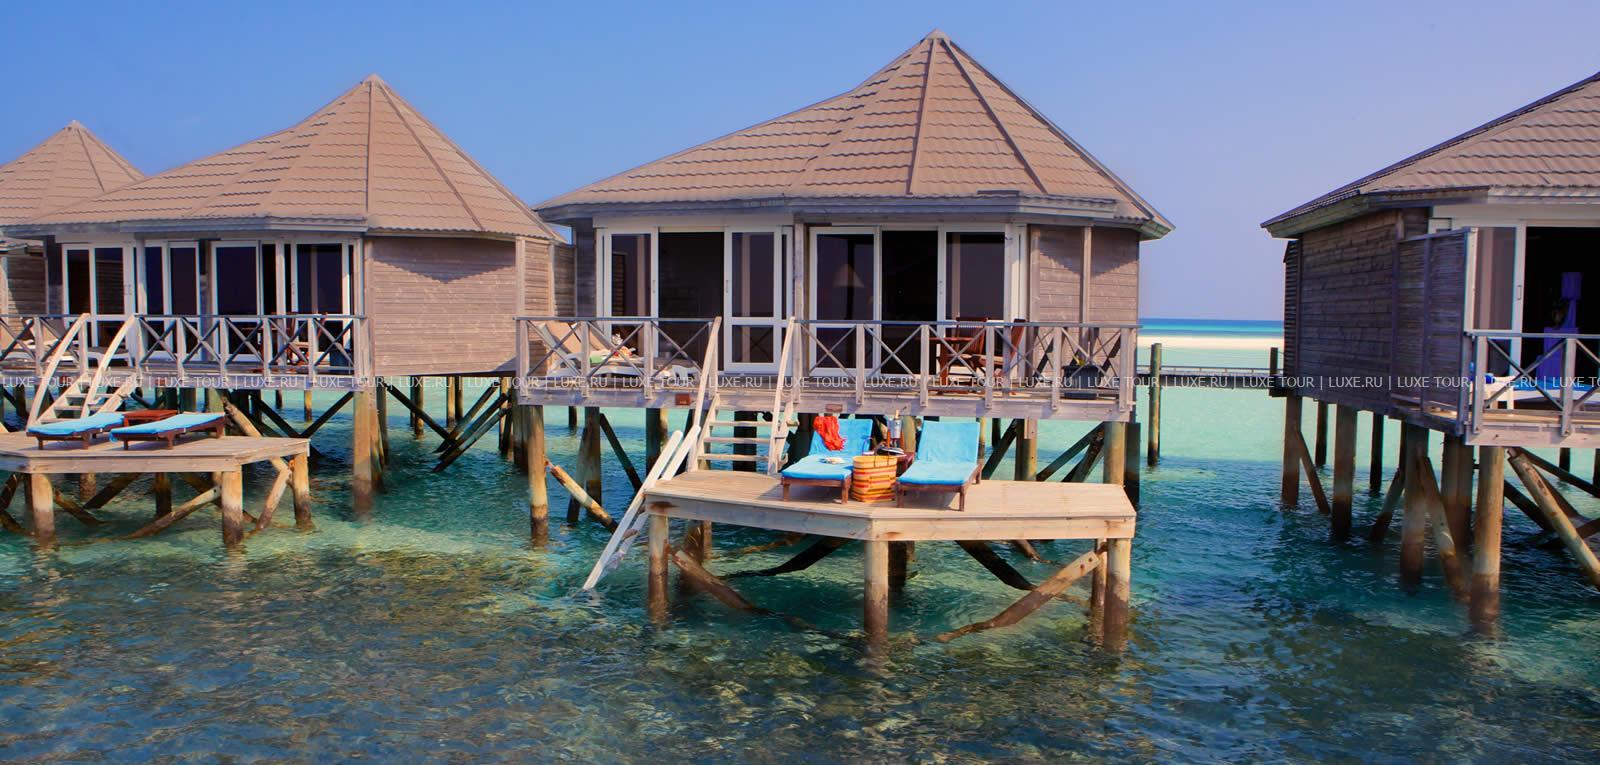 Мальдивские острова: — одно из самых экологически чистых мест на Земле — фото 5